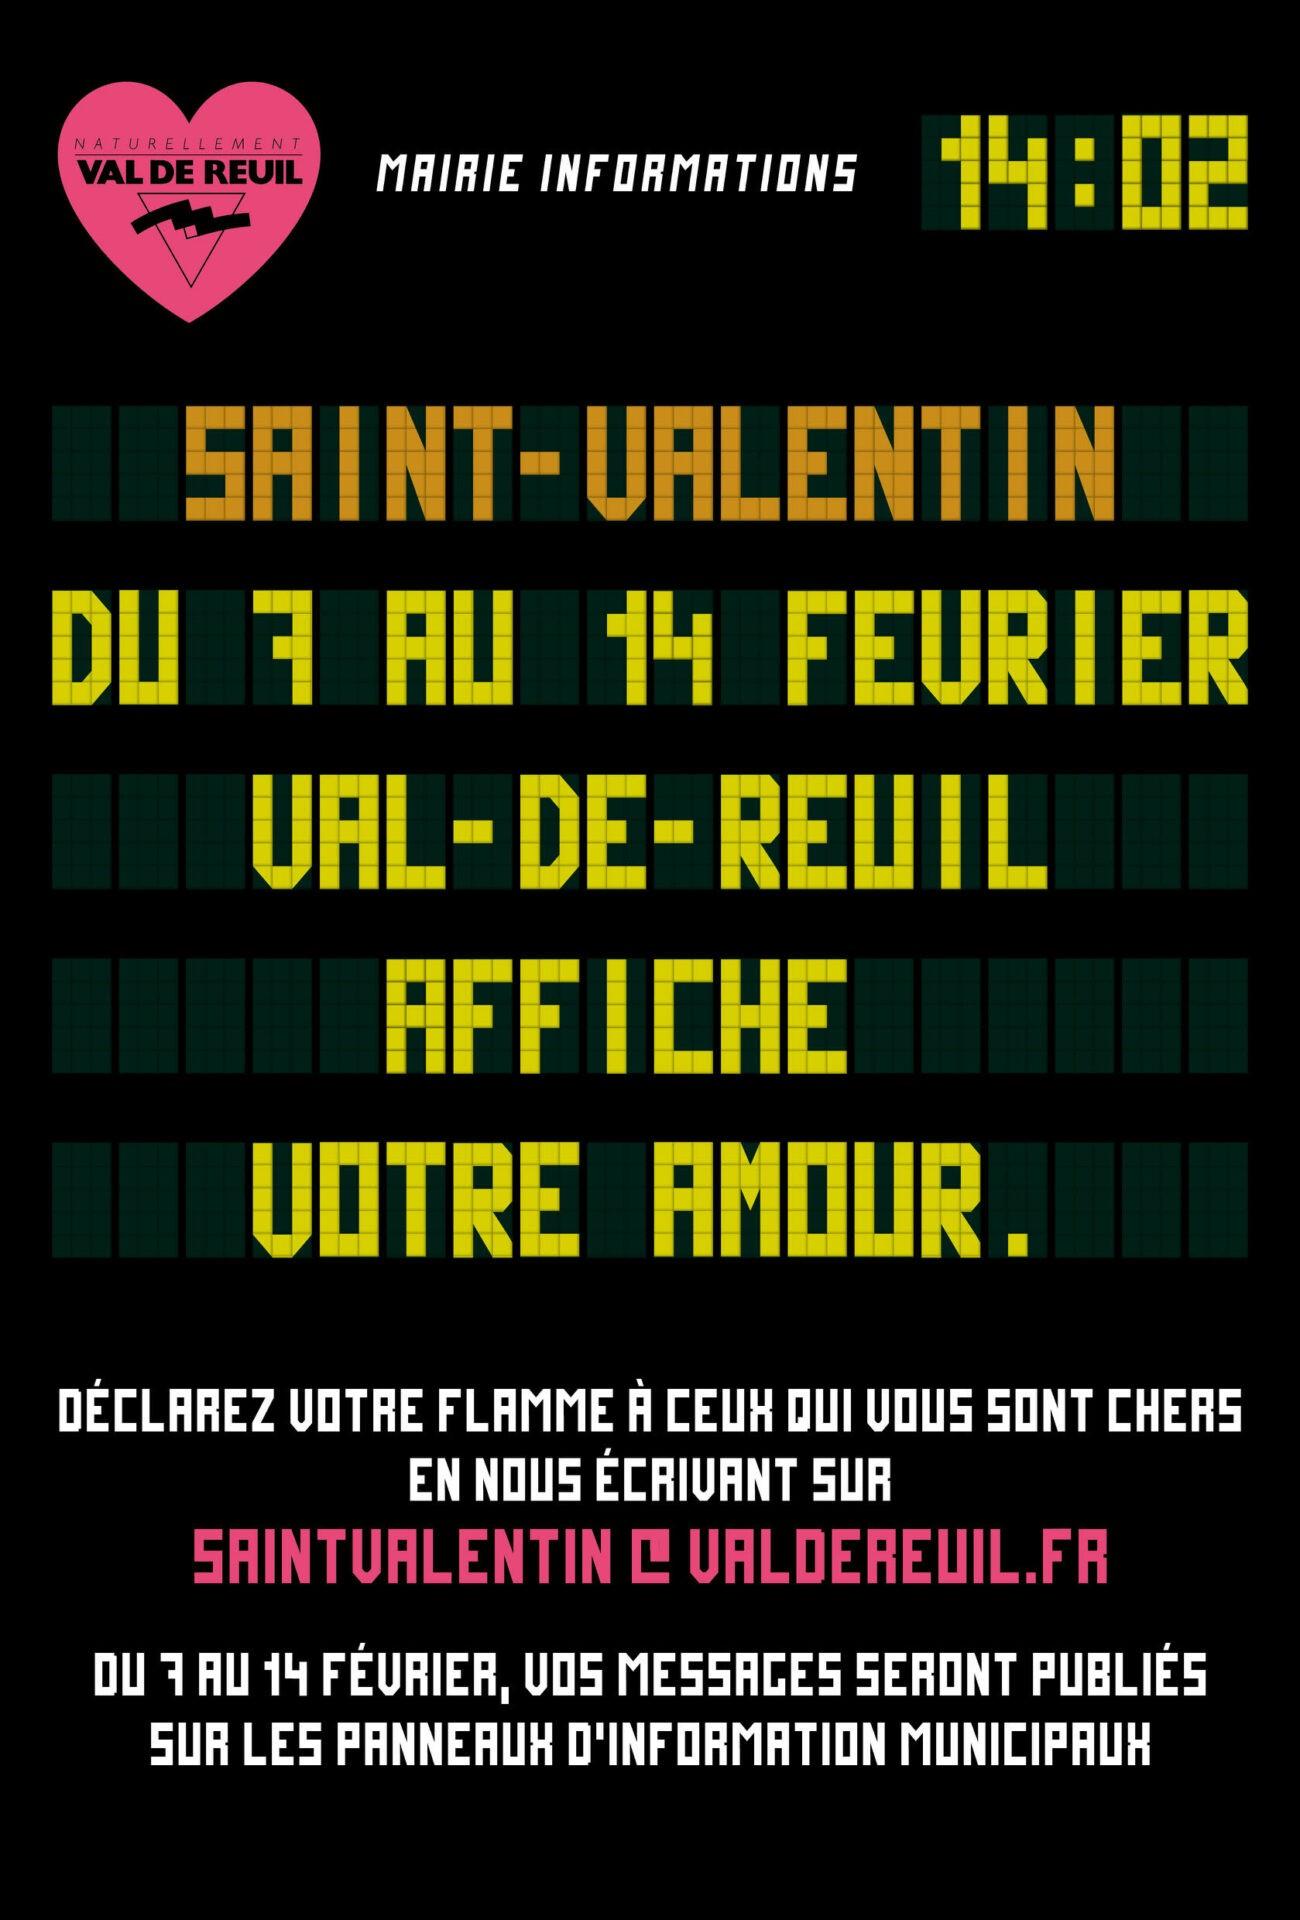 POUR LA SAINT VALENTIN, VAL-DE-REUIL AFFICHE VOTRE AMOUR !